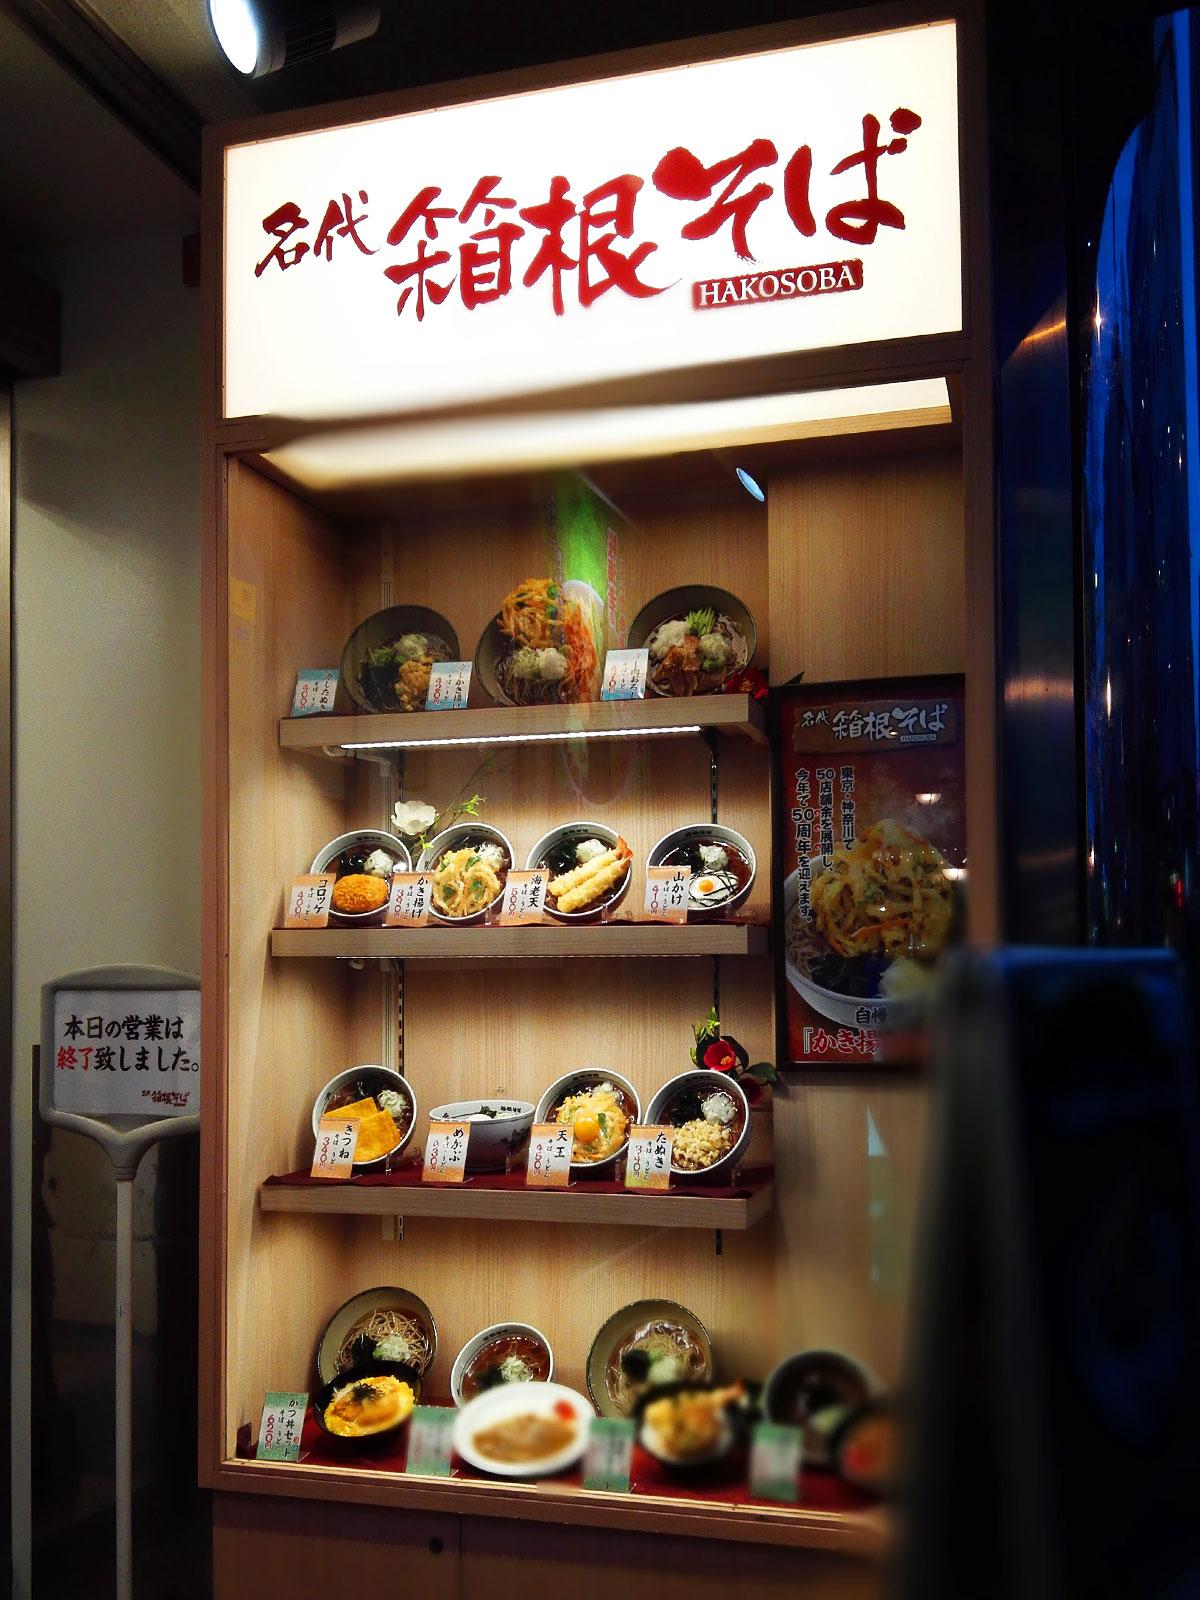 箱根そばで50周年記念メニュー「明太チーズフランス天そば」